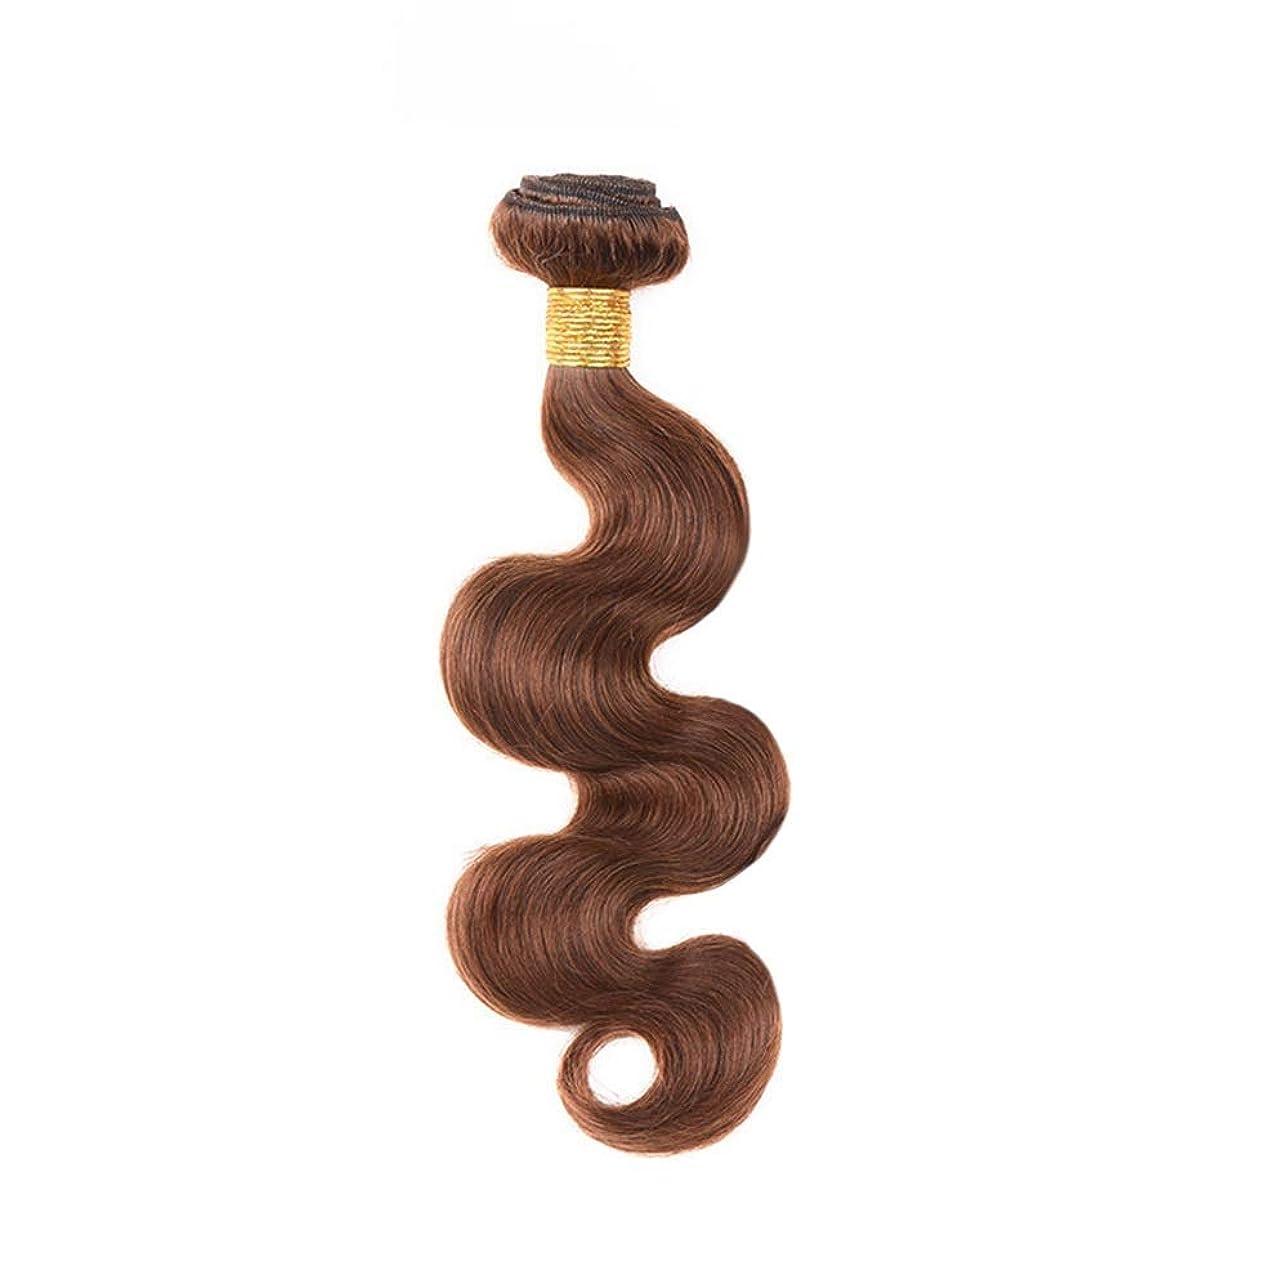 ファイアルぐるぐる教科書YESONEEP 茶色の人間の髪織りバンドルリアルレミーナチュラルヘアエクステンション横糸 - 実体波 - 4#ブラウン(1バンドル、10インチ-24インチ、100g)合成髪レースかつらロールプレイングウィッグロング&ショート女性自然 (色 : ブラウン, サイズ : 12 inch)